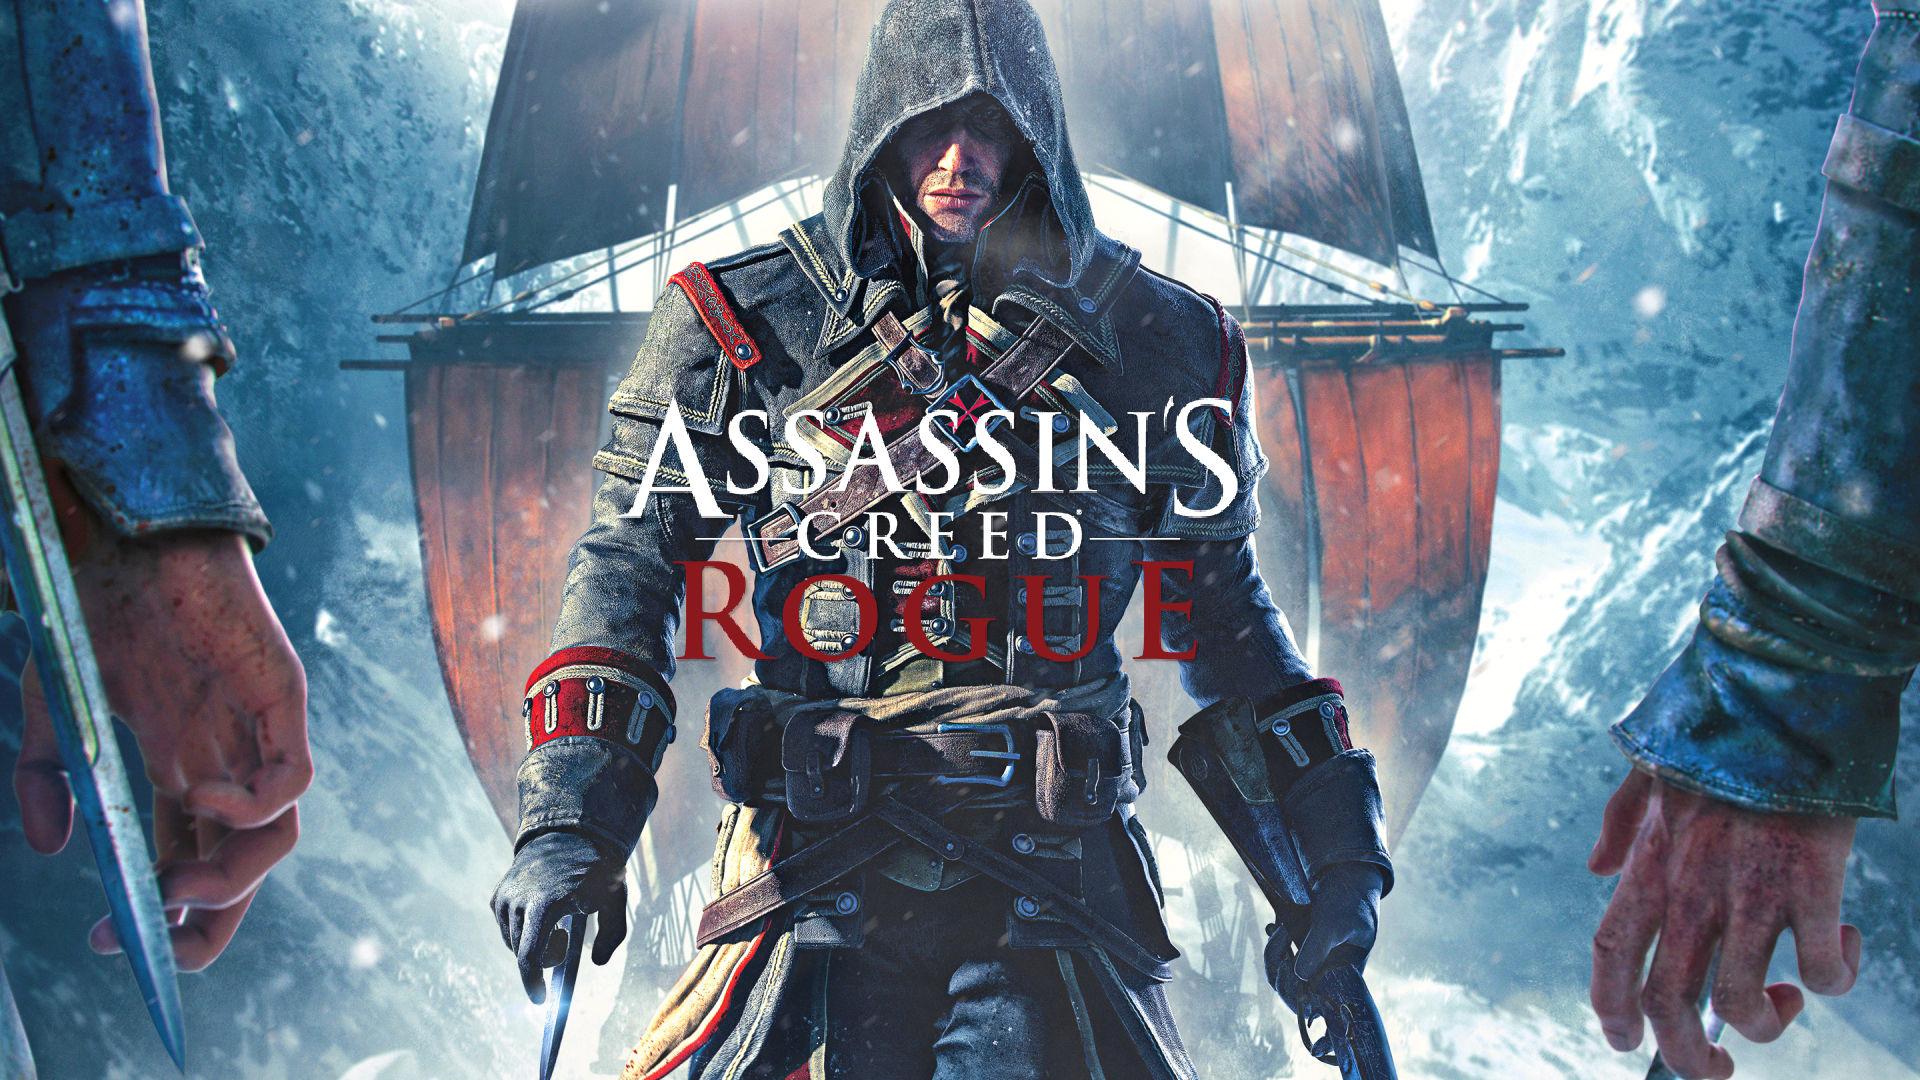 Assassin's Creed: Rogue Oyun İncelemesi, Minimum ve Önerilen Sistem Gereksinimleri